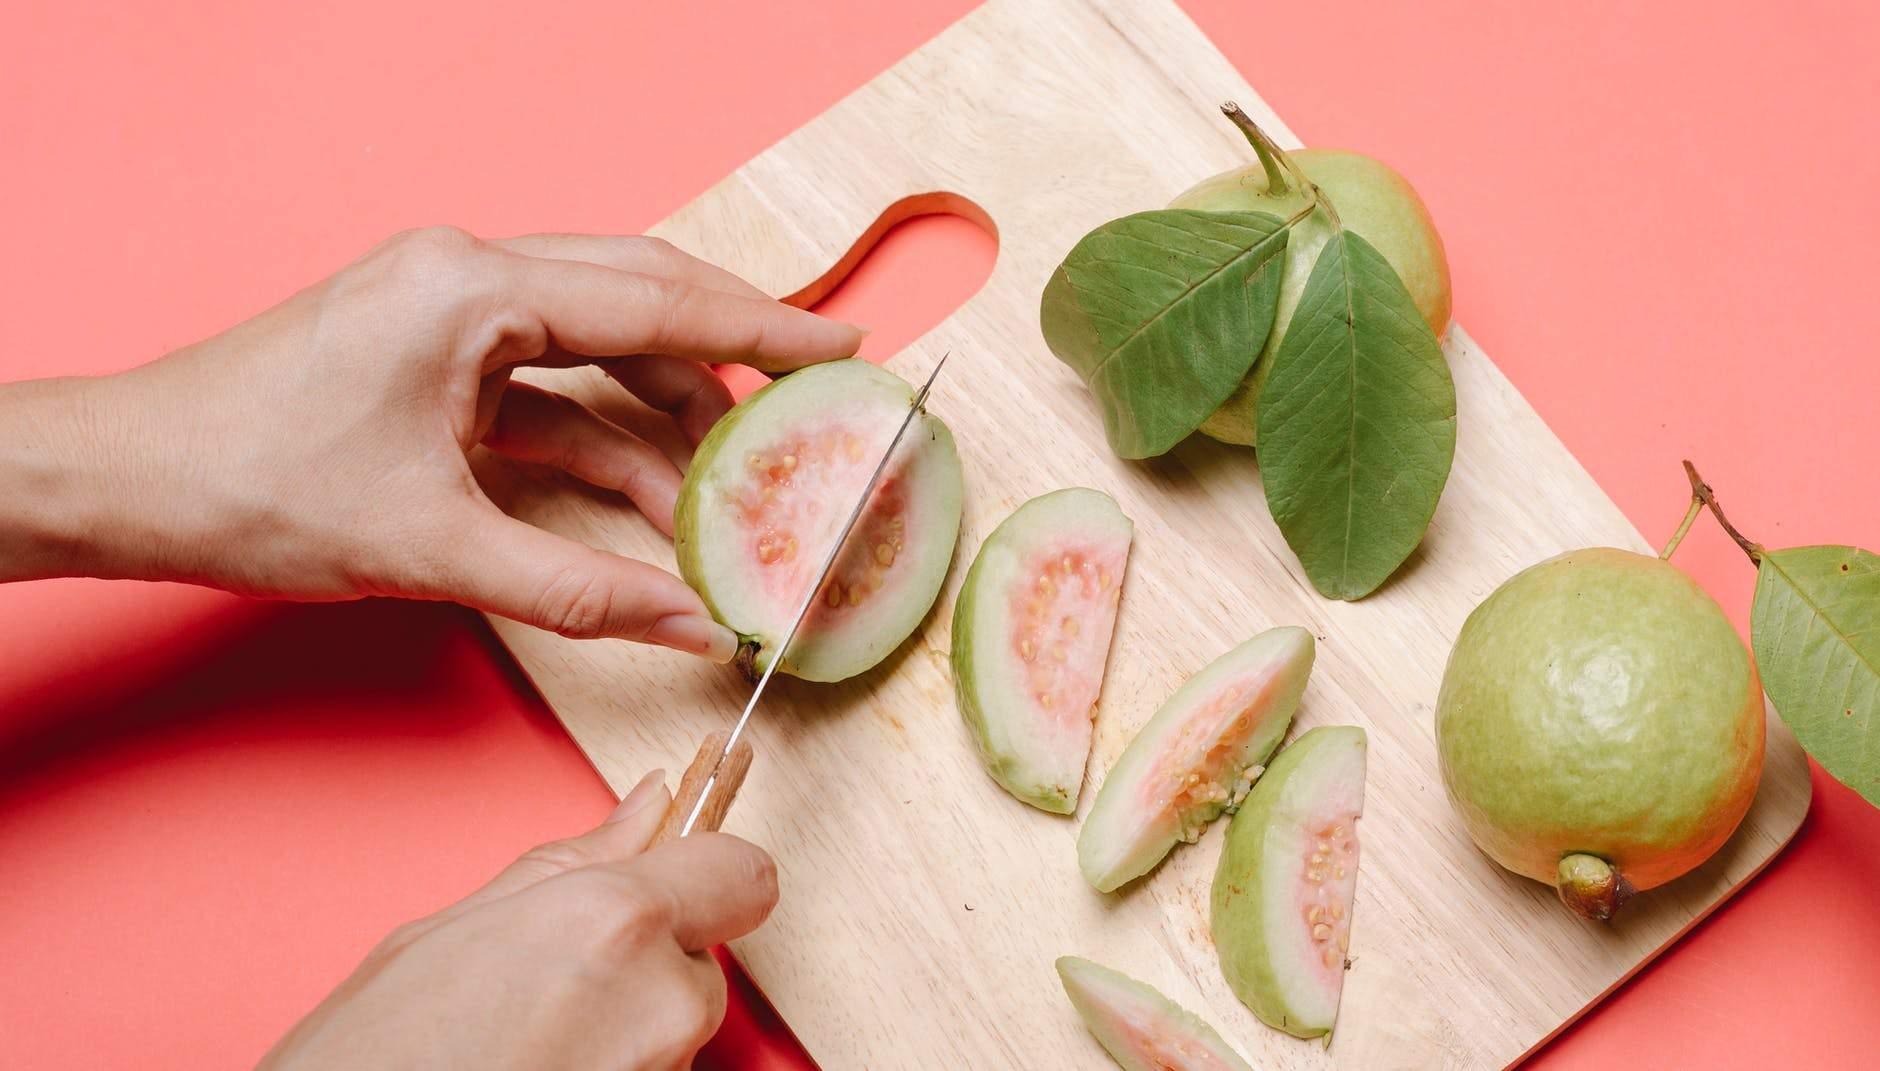 Гуава содержит большое количество витамина С